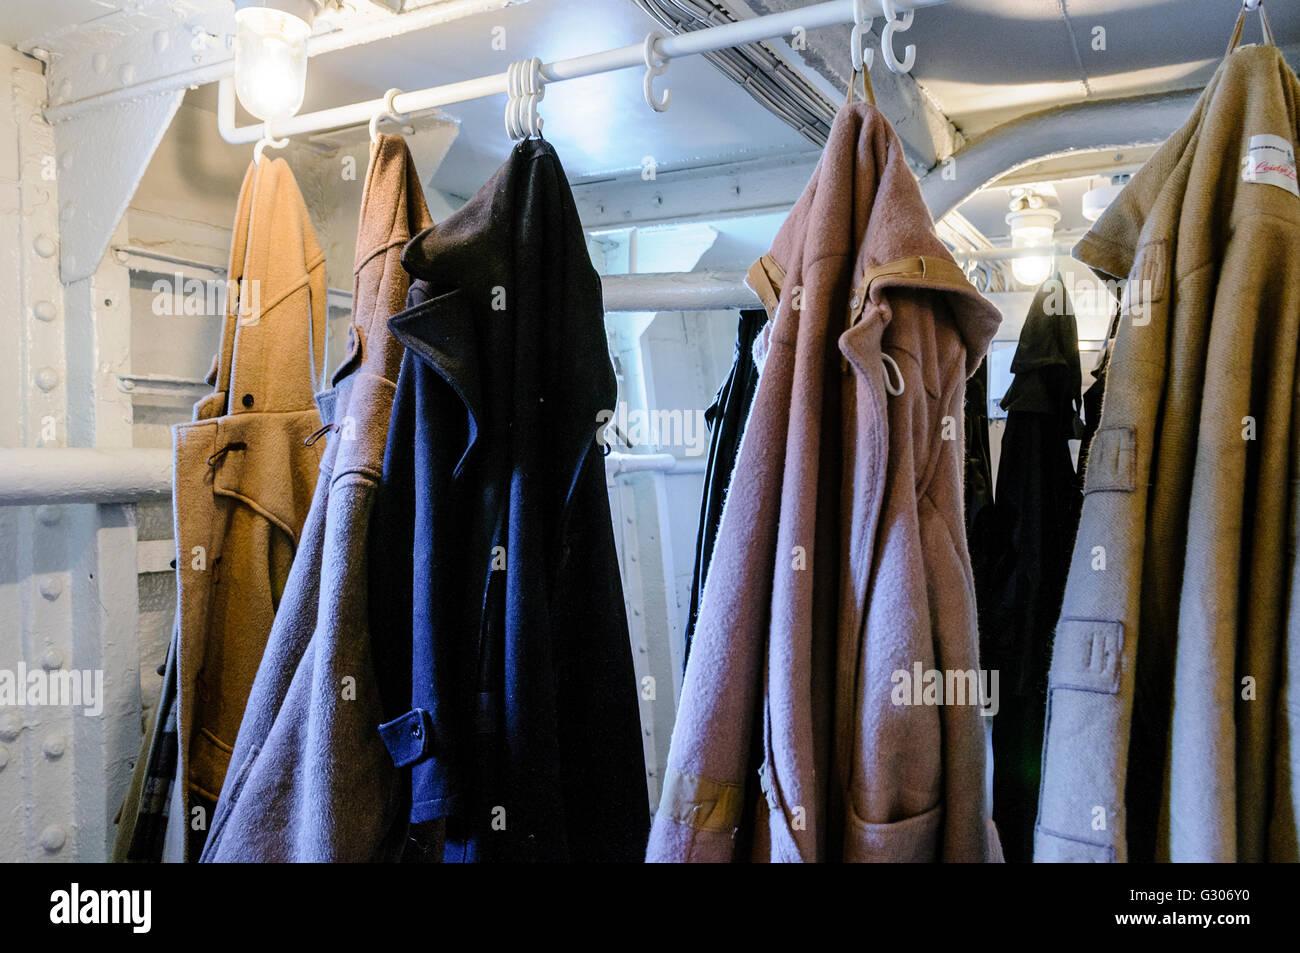 Tripulación duffle abrigos colgando en un viejo barco. Imagen De Stock